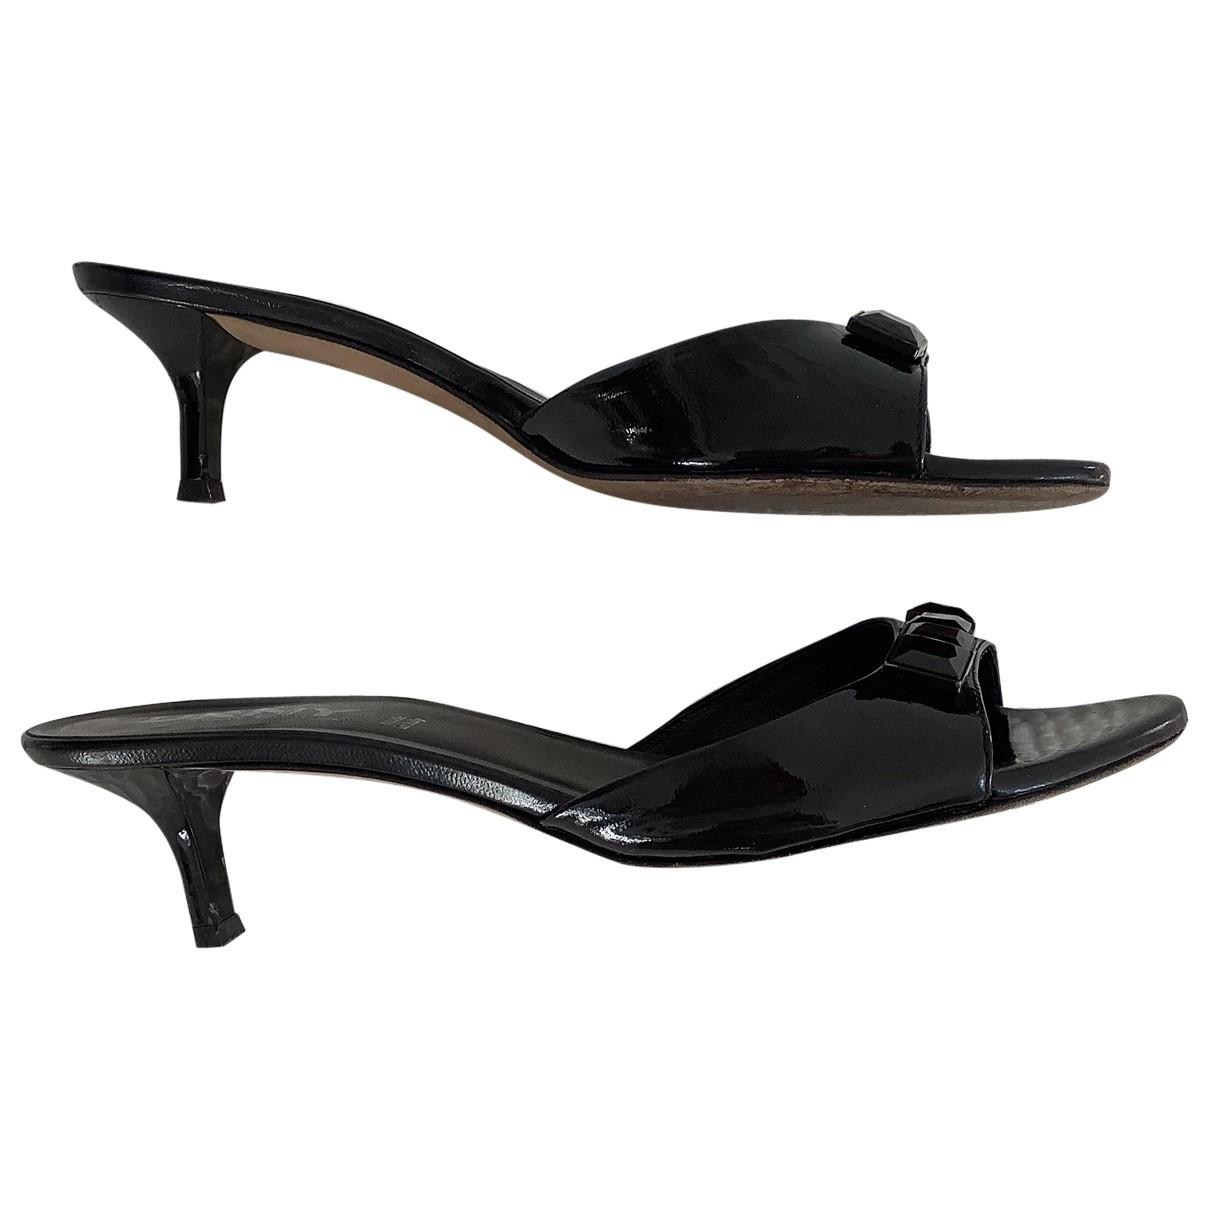 Donna Karan - Sandales   pour femme en cuir verni - noir